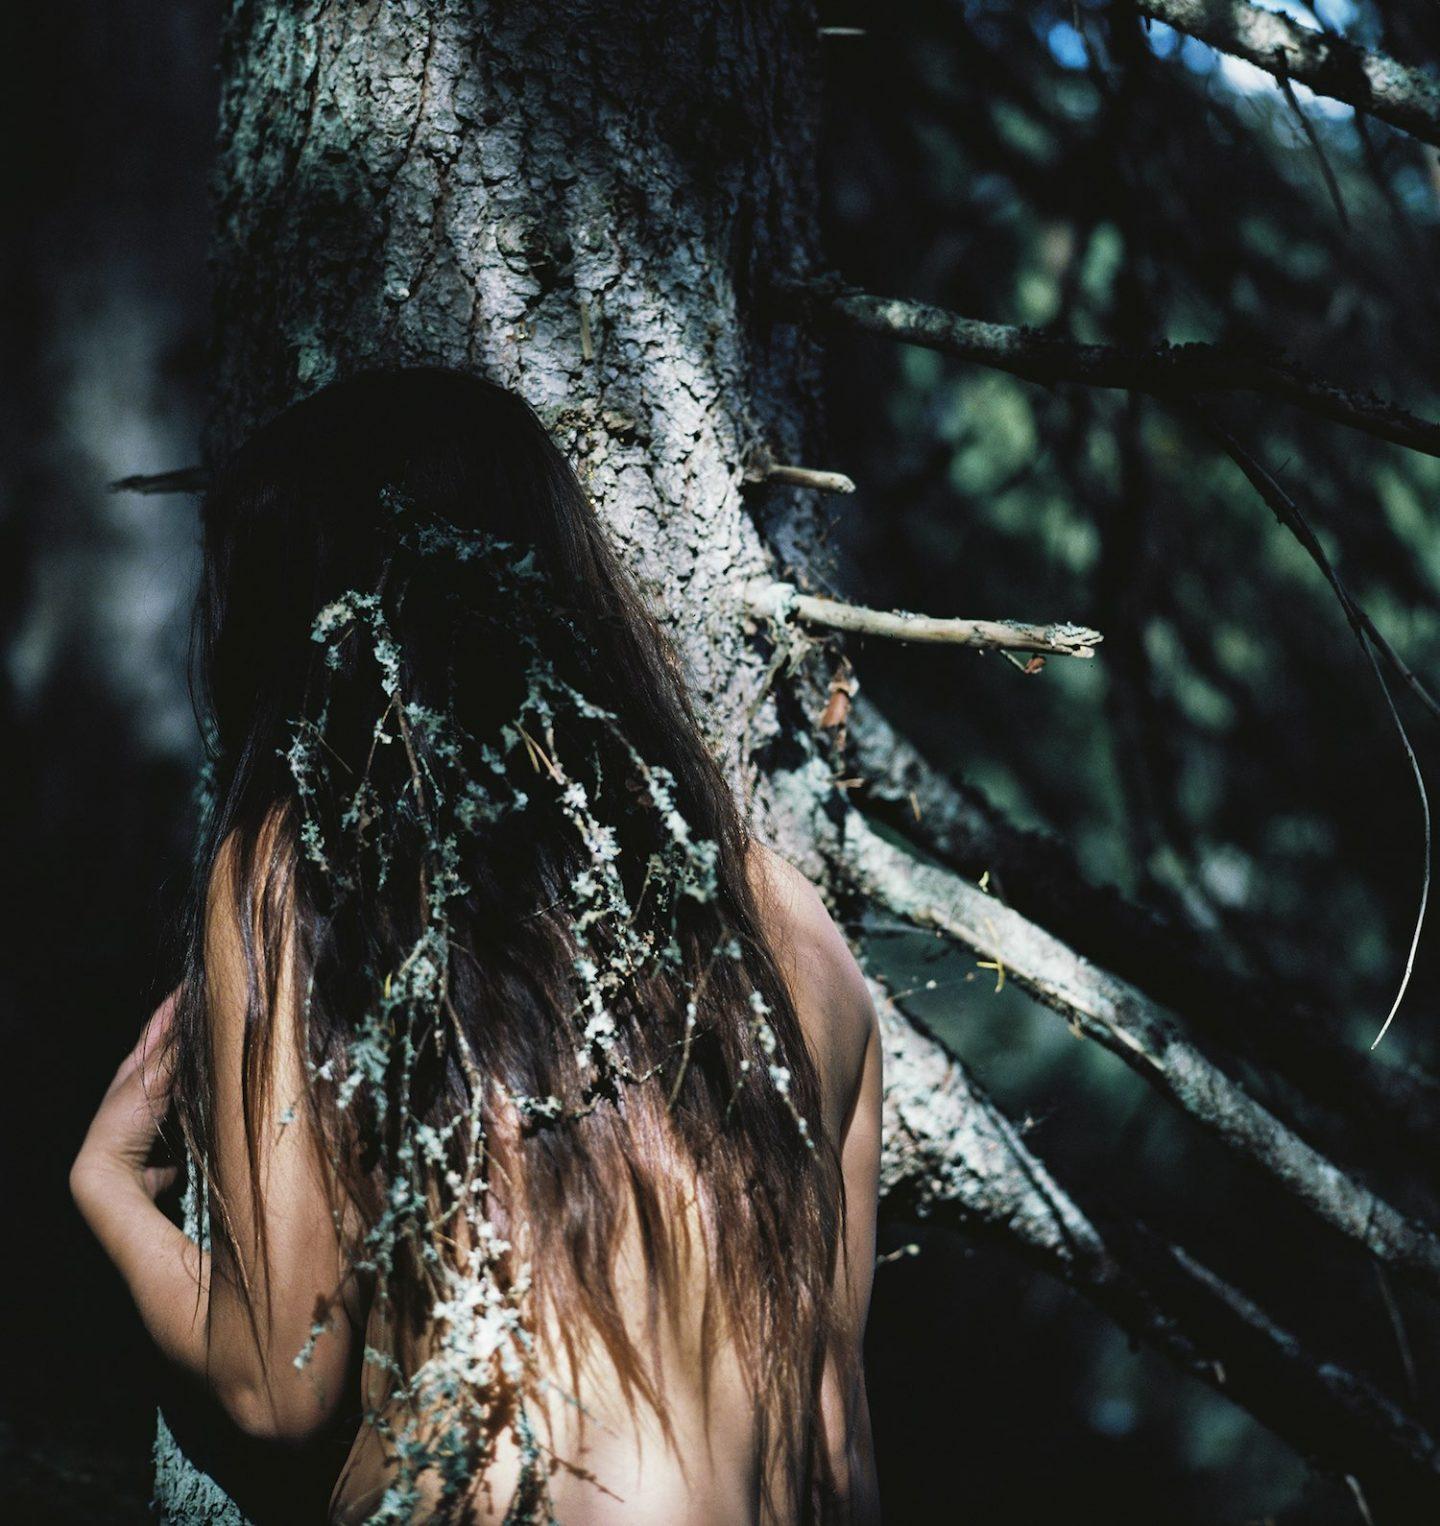 Simbiosi, il progetto fotografico di Noora-Maija Tokee | Collater.al 8